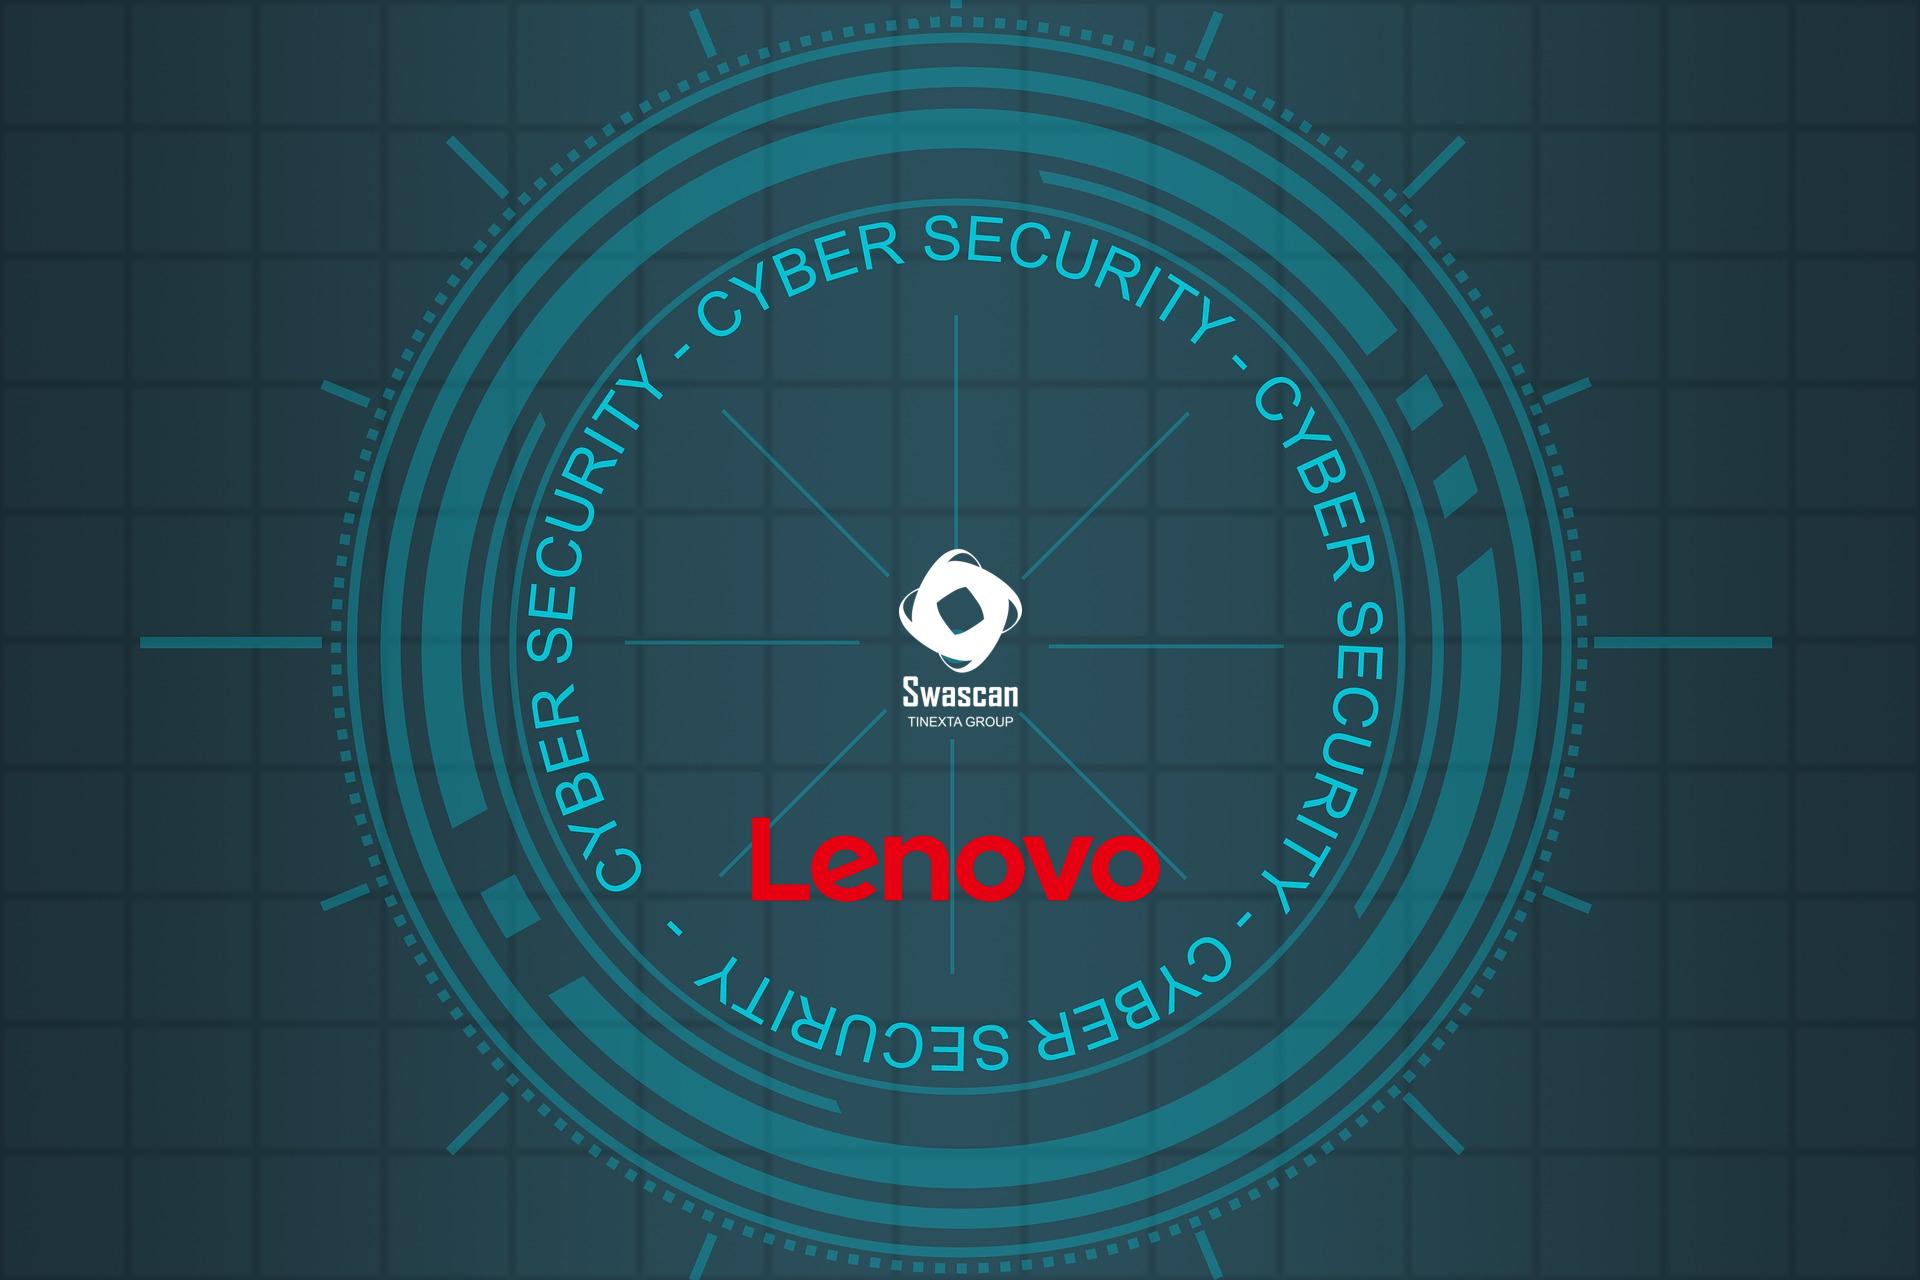 Lenovo Swascan